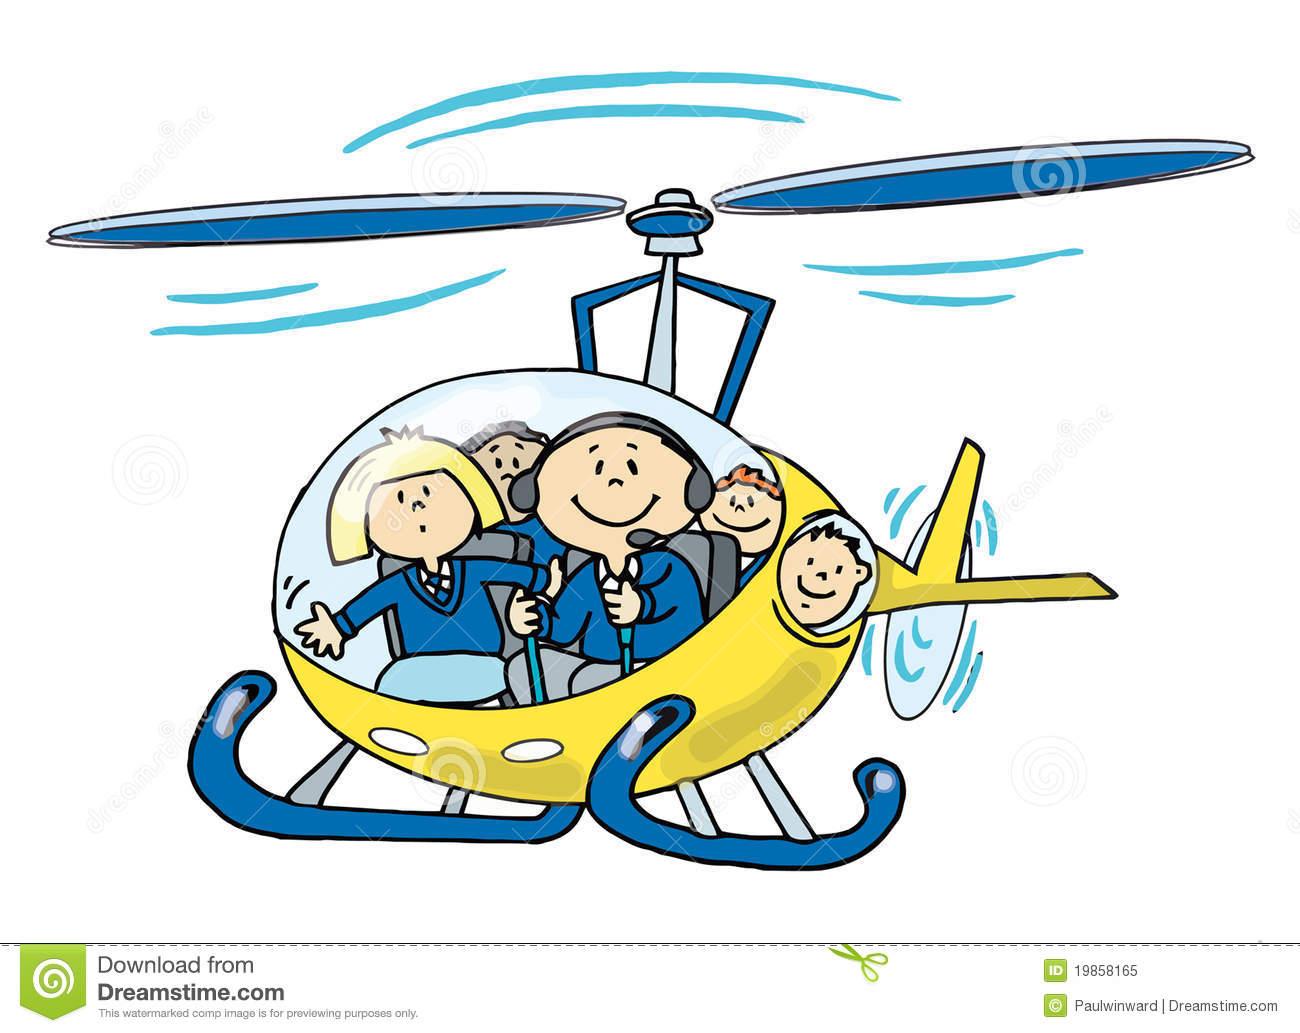 Kinder In Einem Hubschrauber Vektor Abbildung - Illustration über Hubschrauber Für Kinder